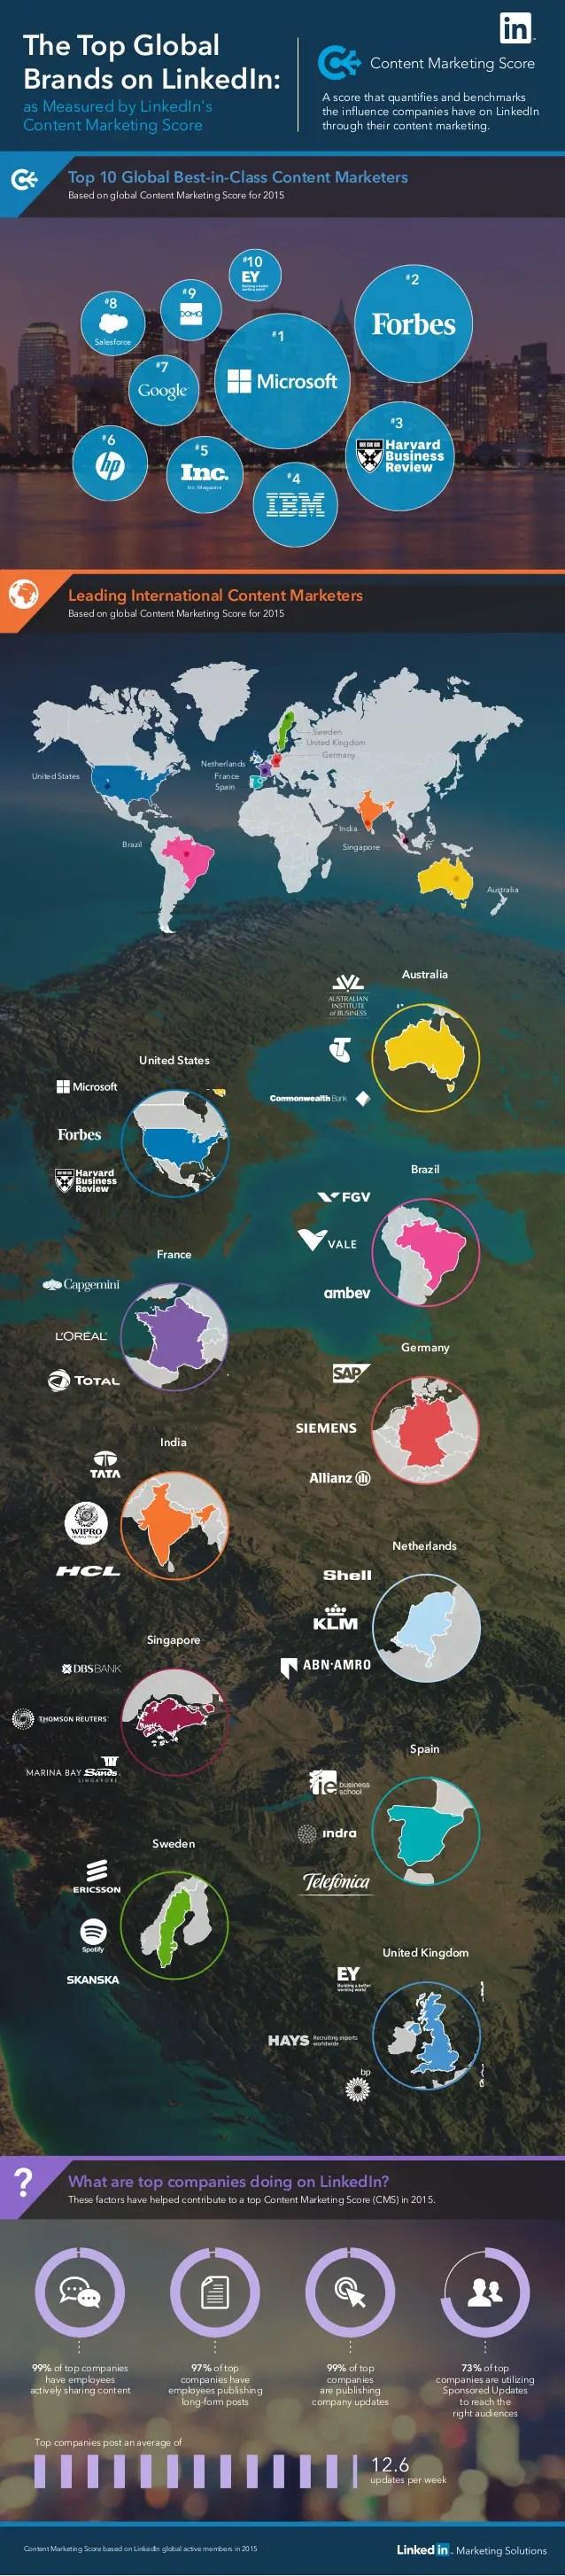 wersm-10-most-influential-brands-on-linkedin-2015